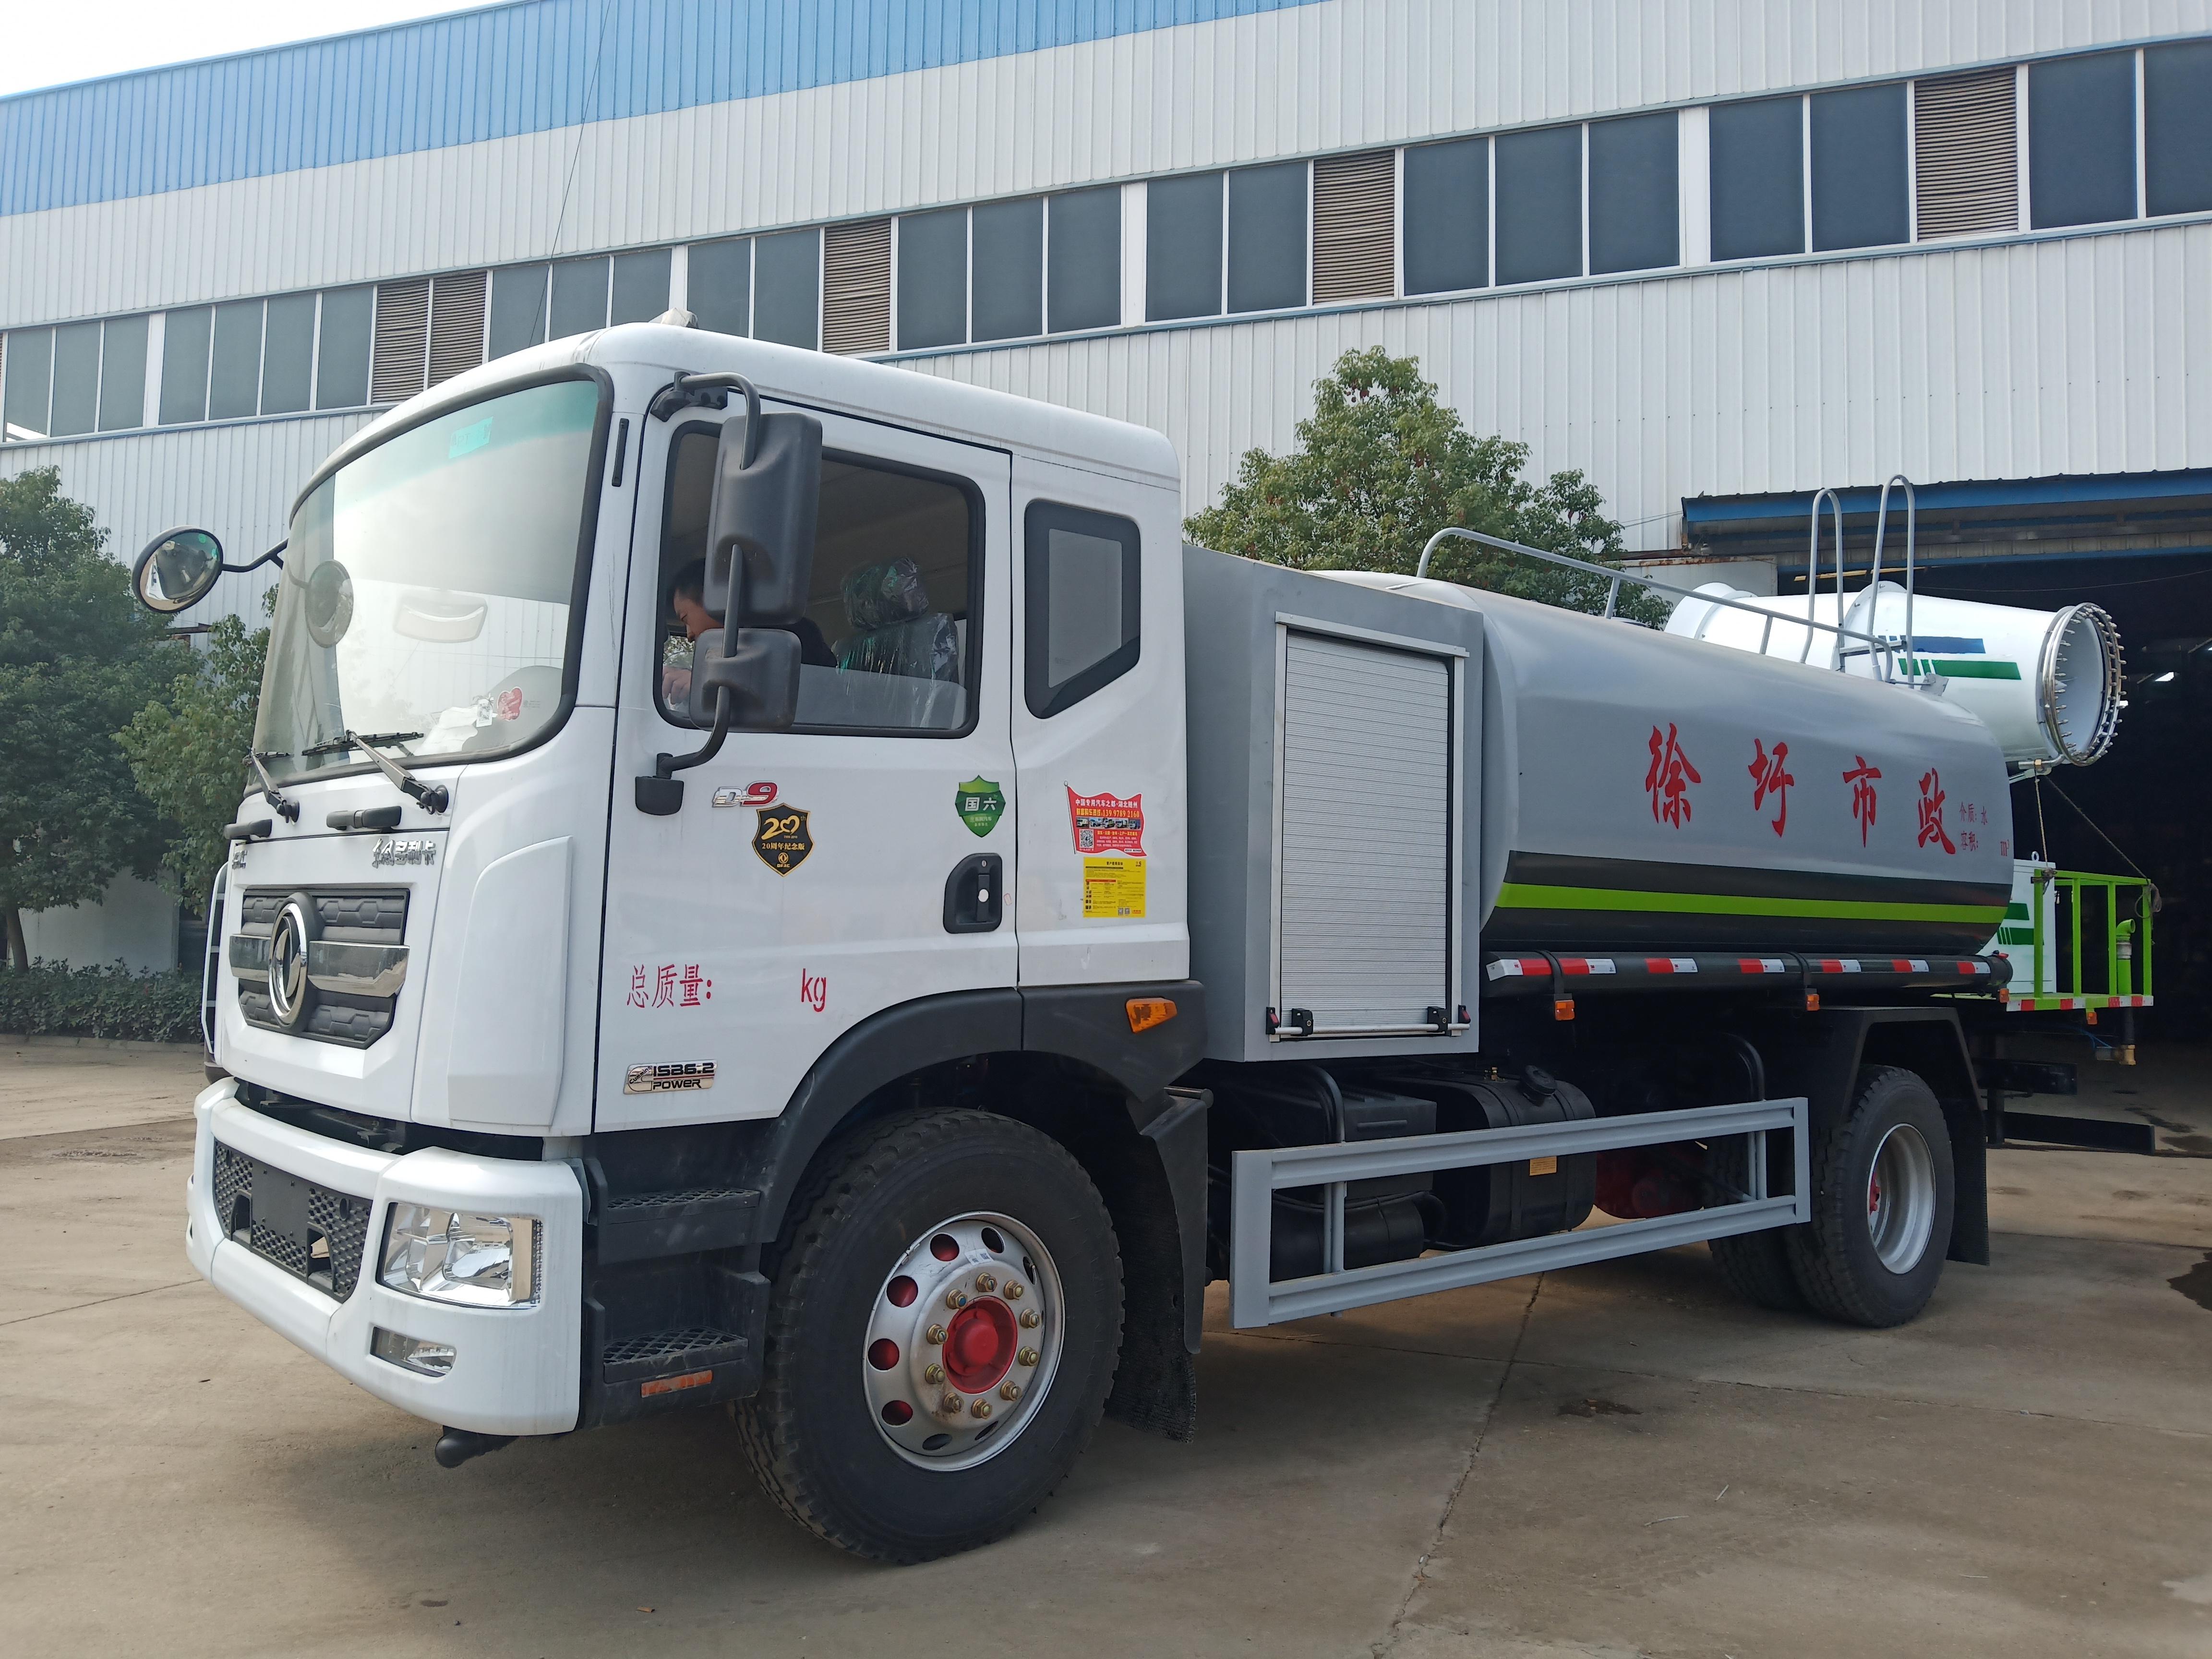 国六东风D9 12方多功能抑尘车(60米喷雾机)